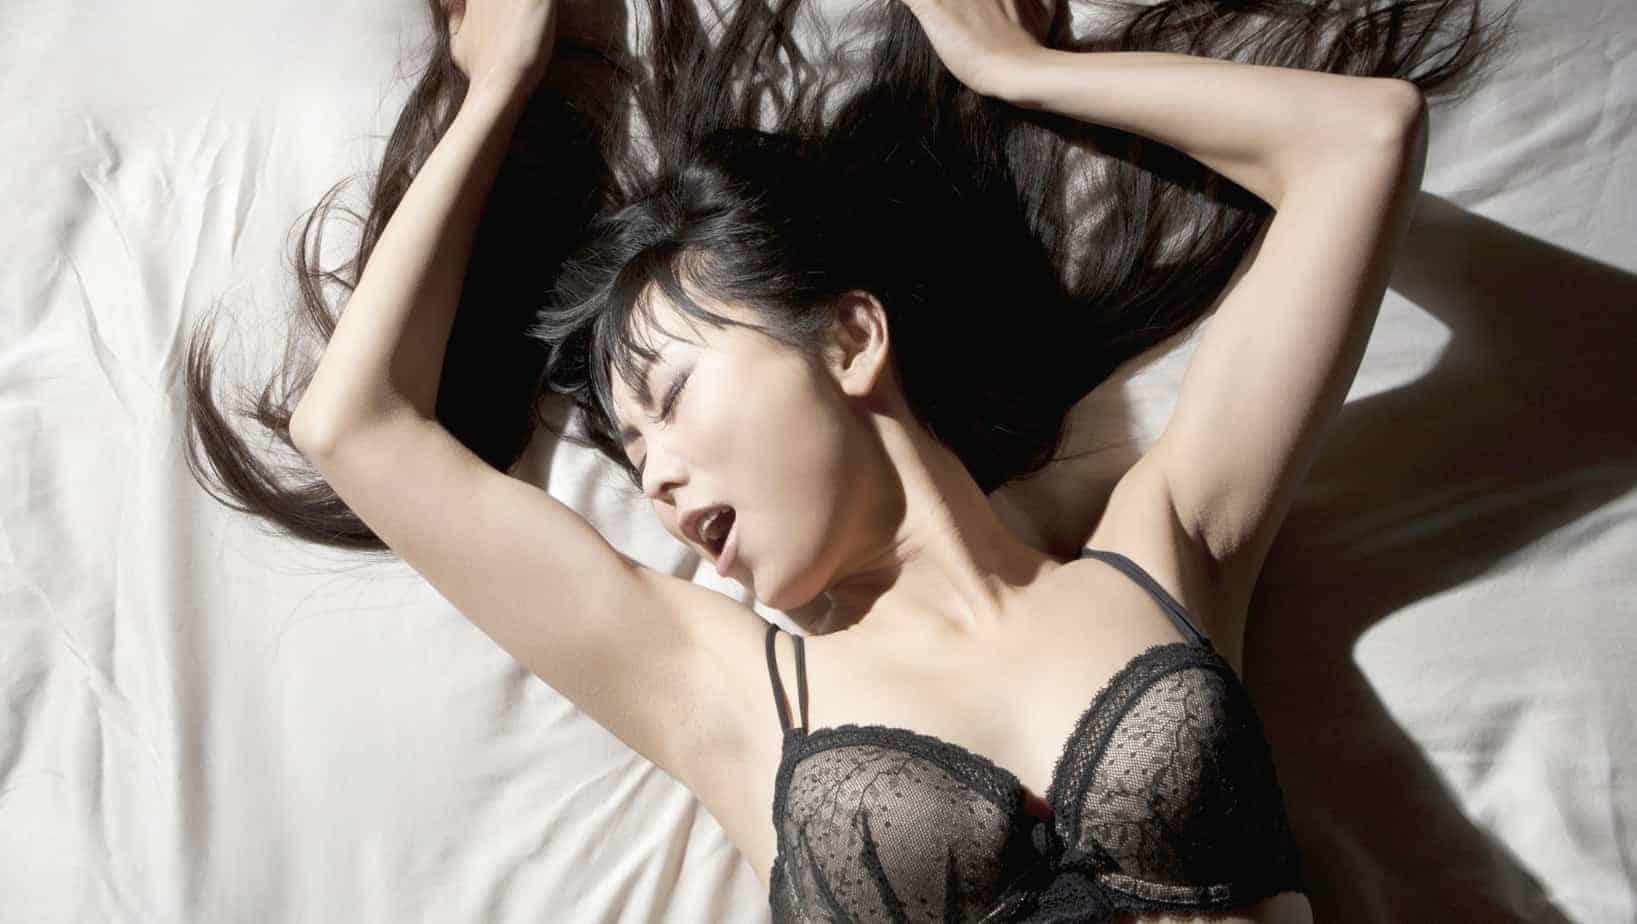 Смотреть бесплатно оргазмы девушек, Порно Оргазмы -видео. Смотреть порно онлайн! 25 фотография